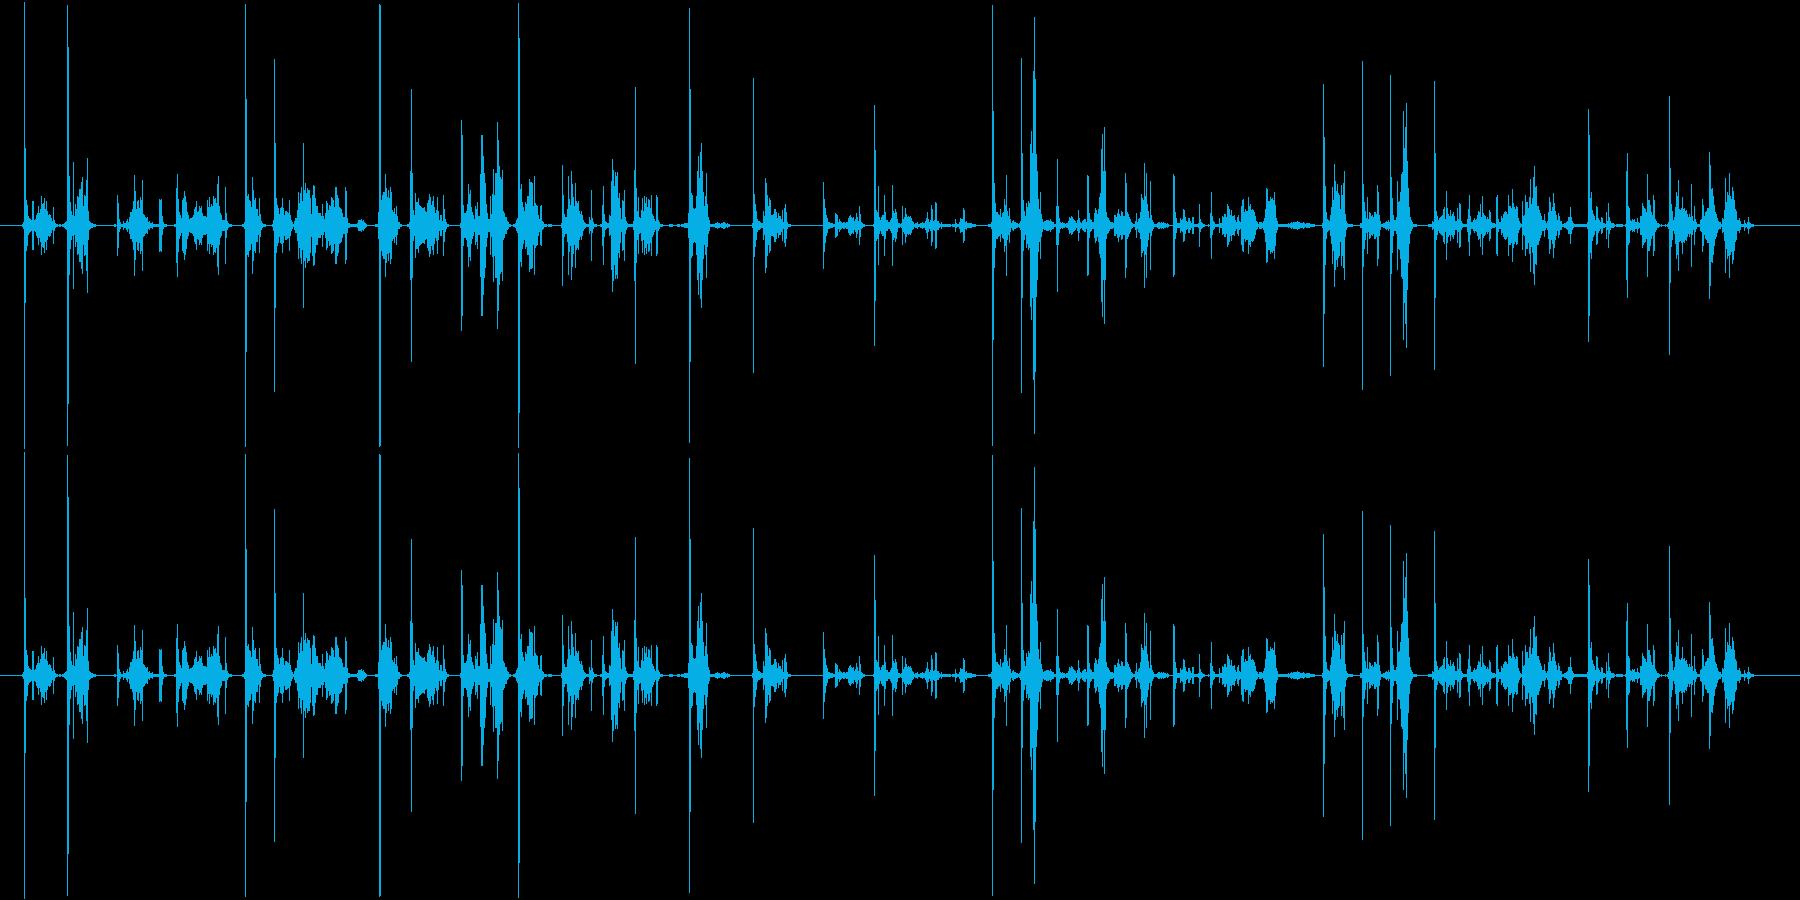 カーカー(ボールペンで書く音)Aの再生済みの波形